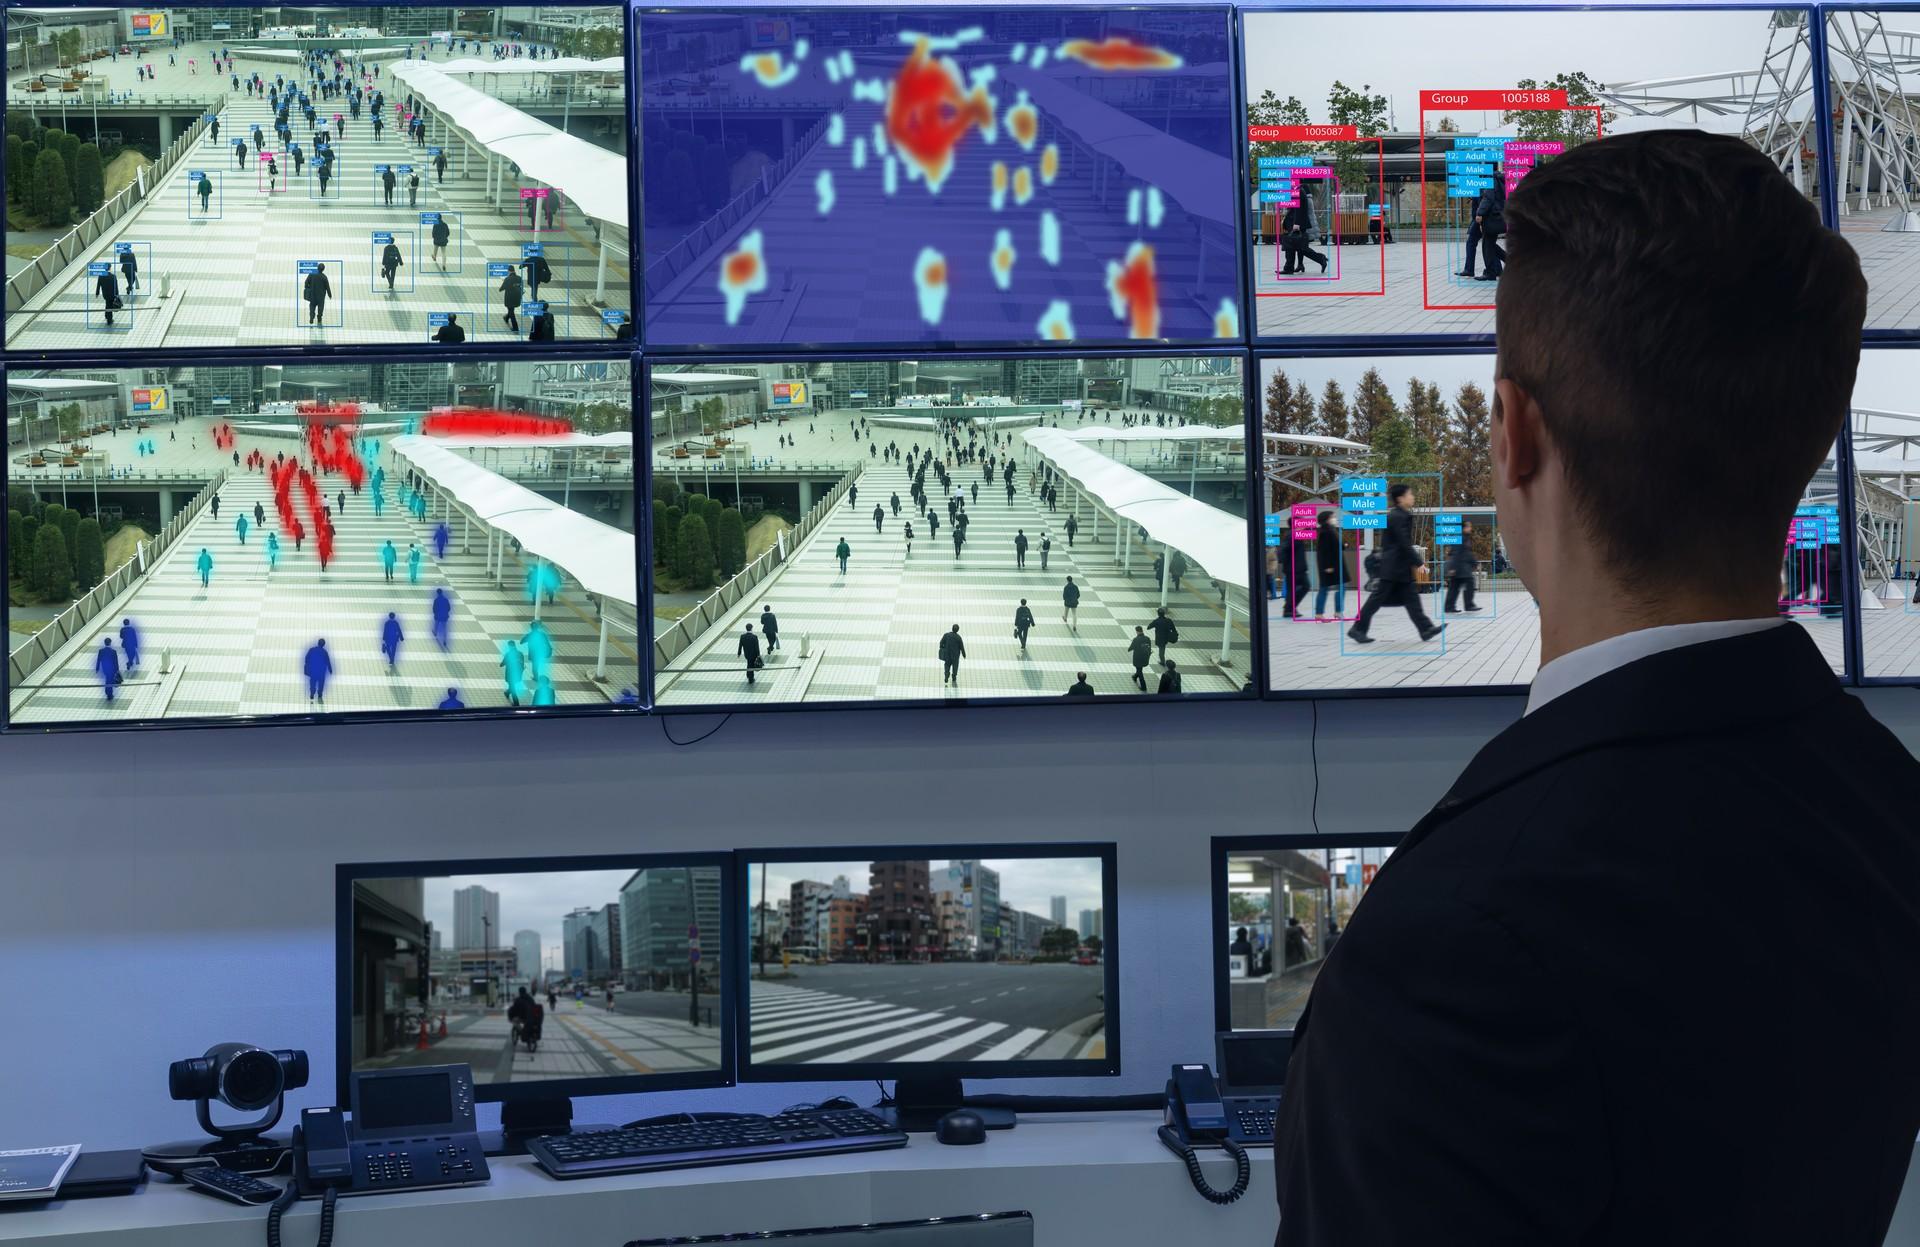 Phân tích hình ảnh bằng AI đang thay đổi các hệ thống giám sát an ninh